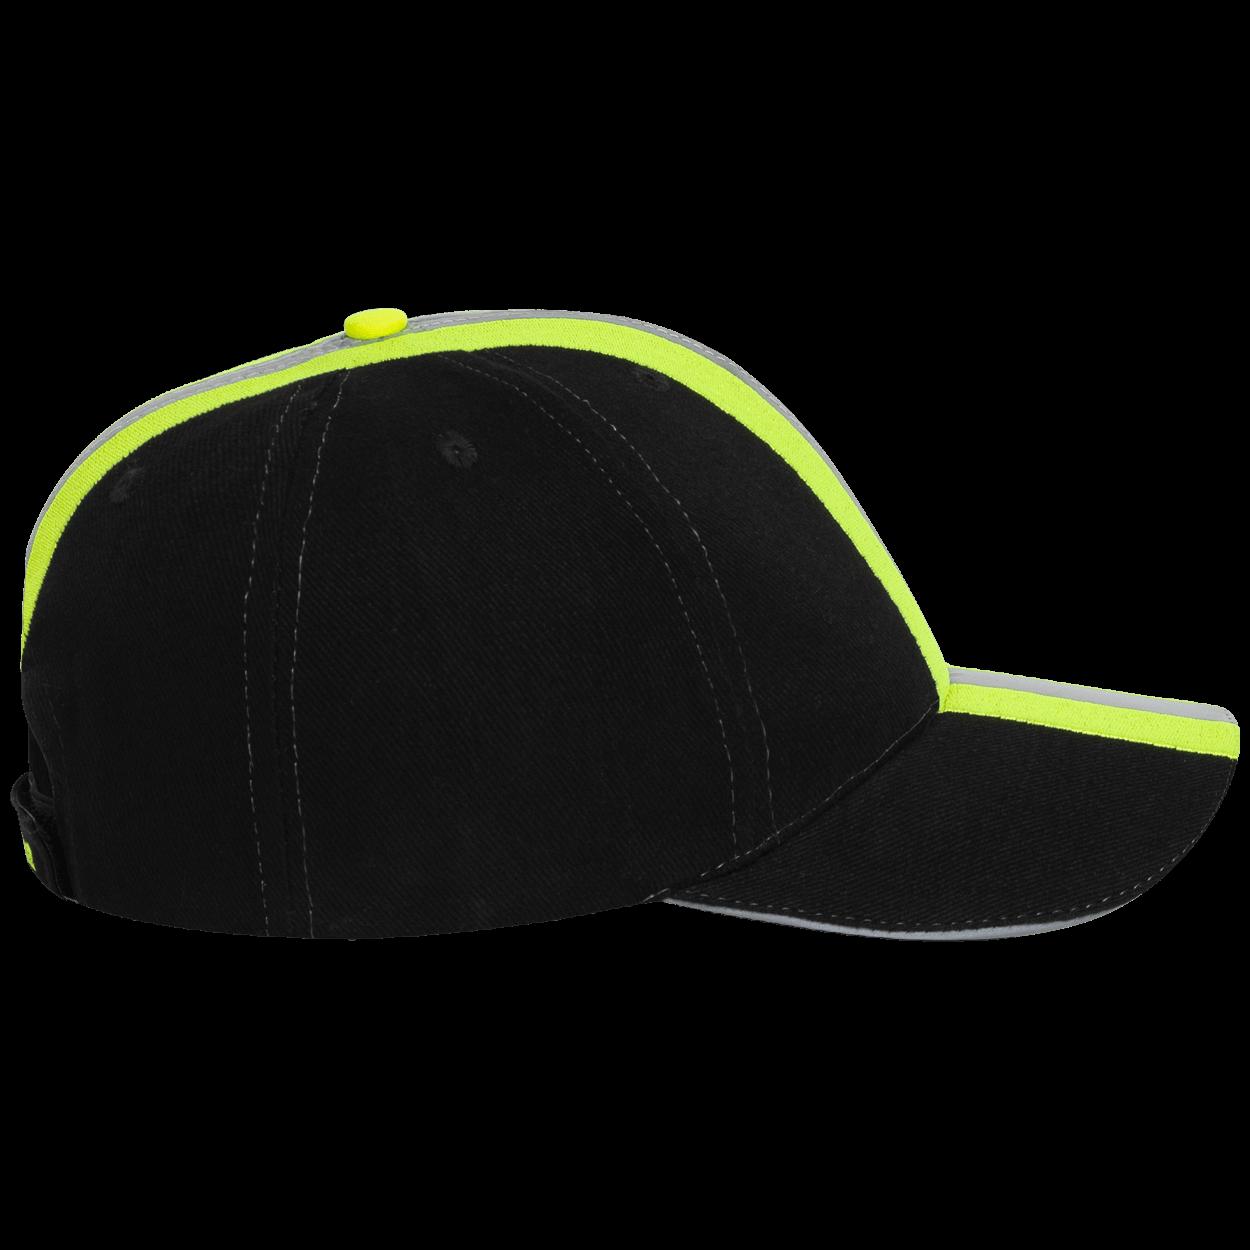 Feuerwehr & Rettungsdienst Reflexstreifen Design Cap schwarz